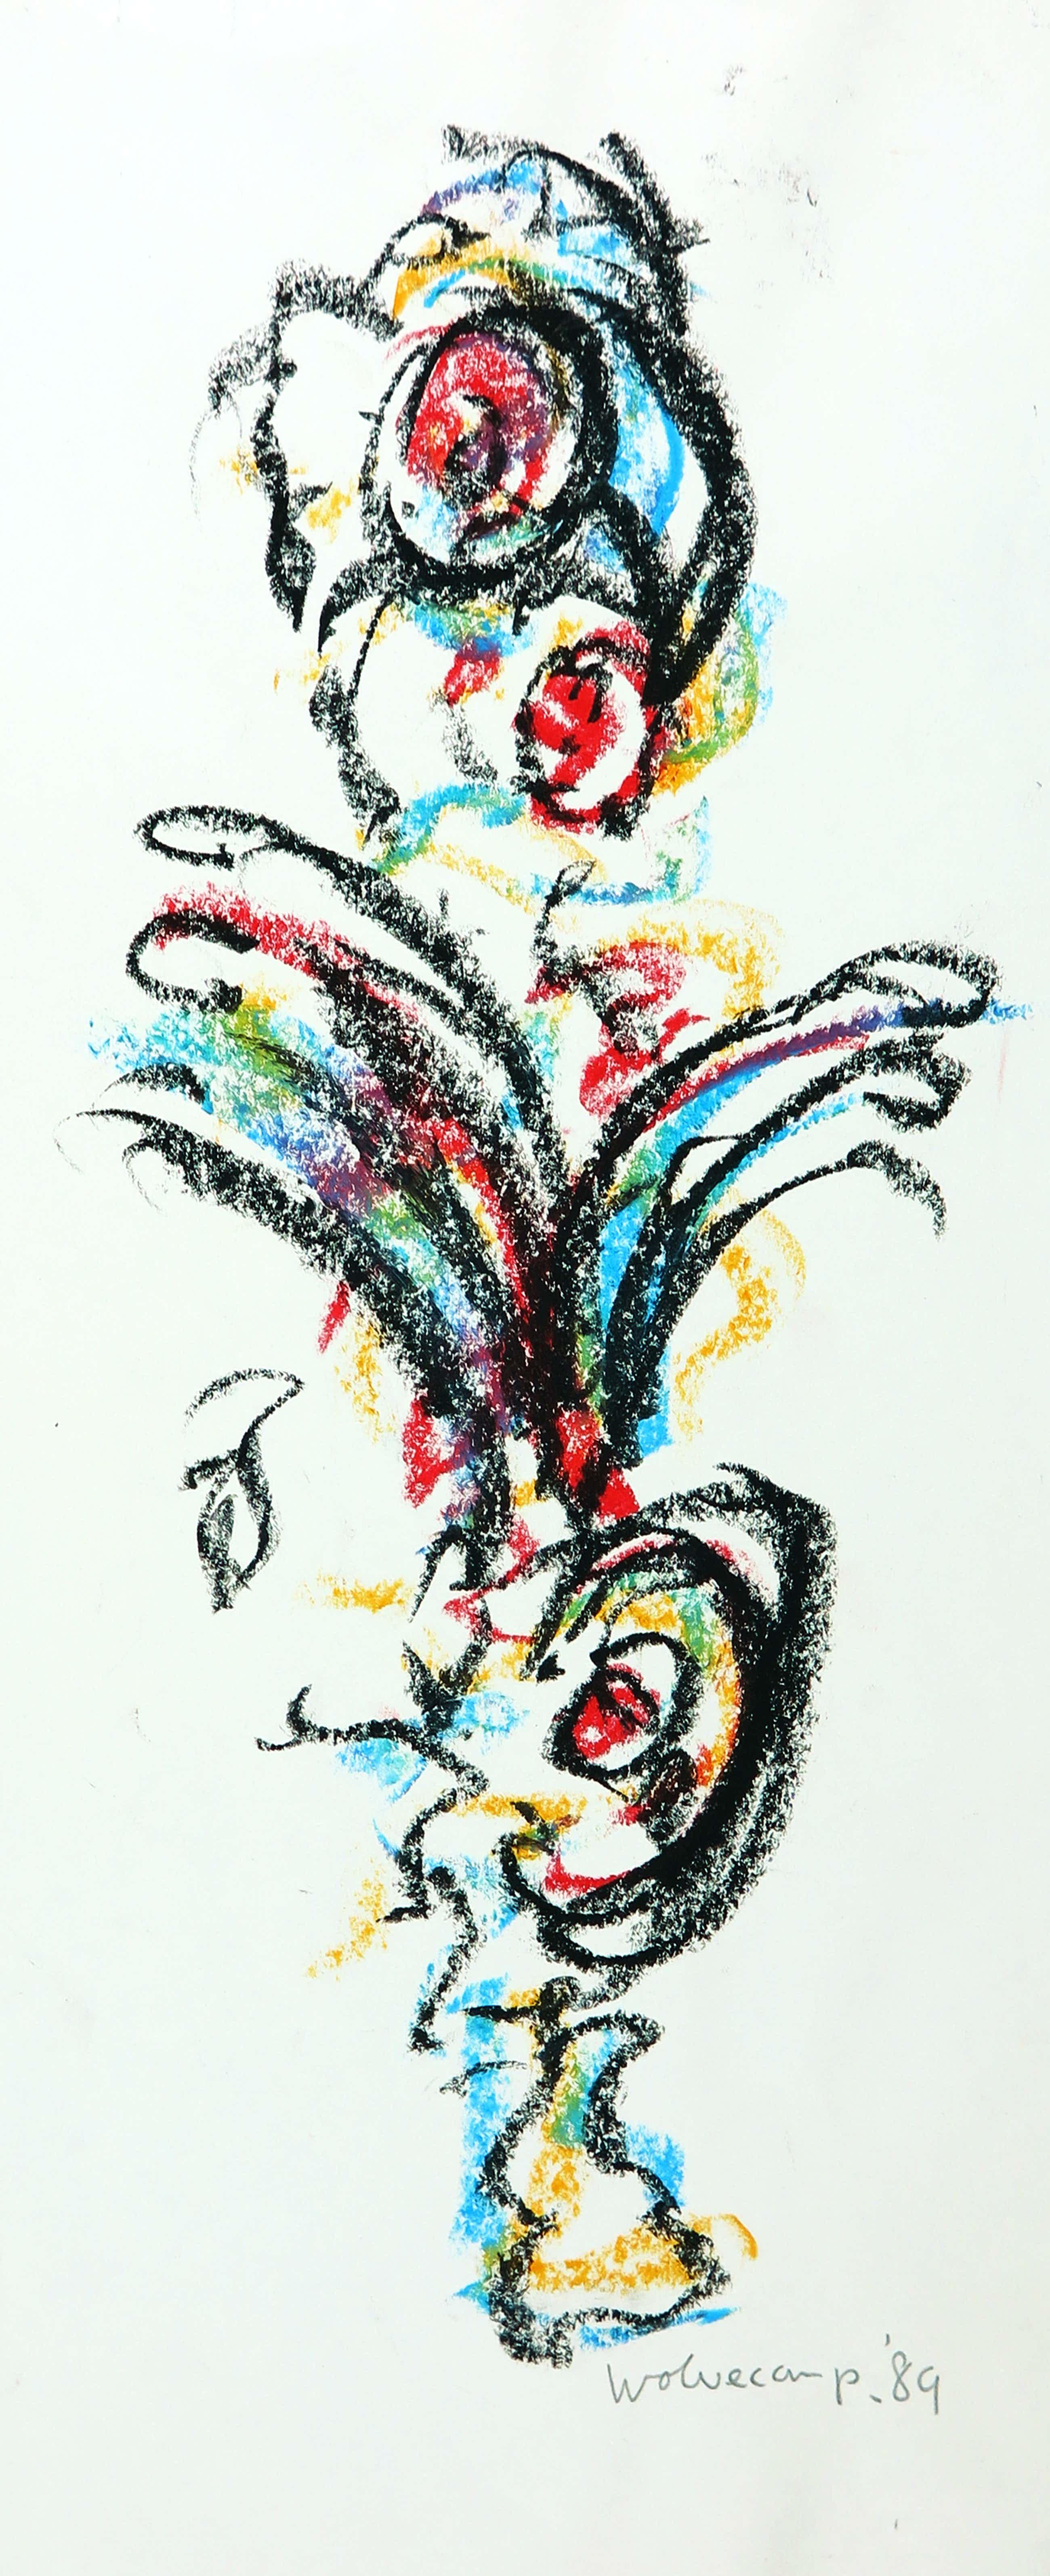 Theo Wolvecamp - Pastelkrijt, Compositie met figuren kopen? Bied vanaf 280!